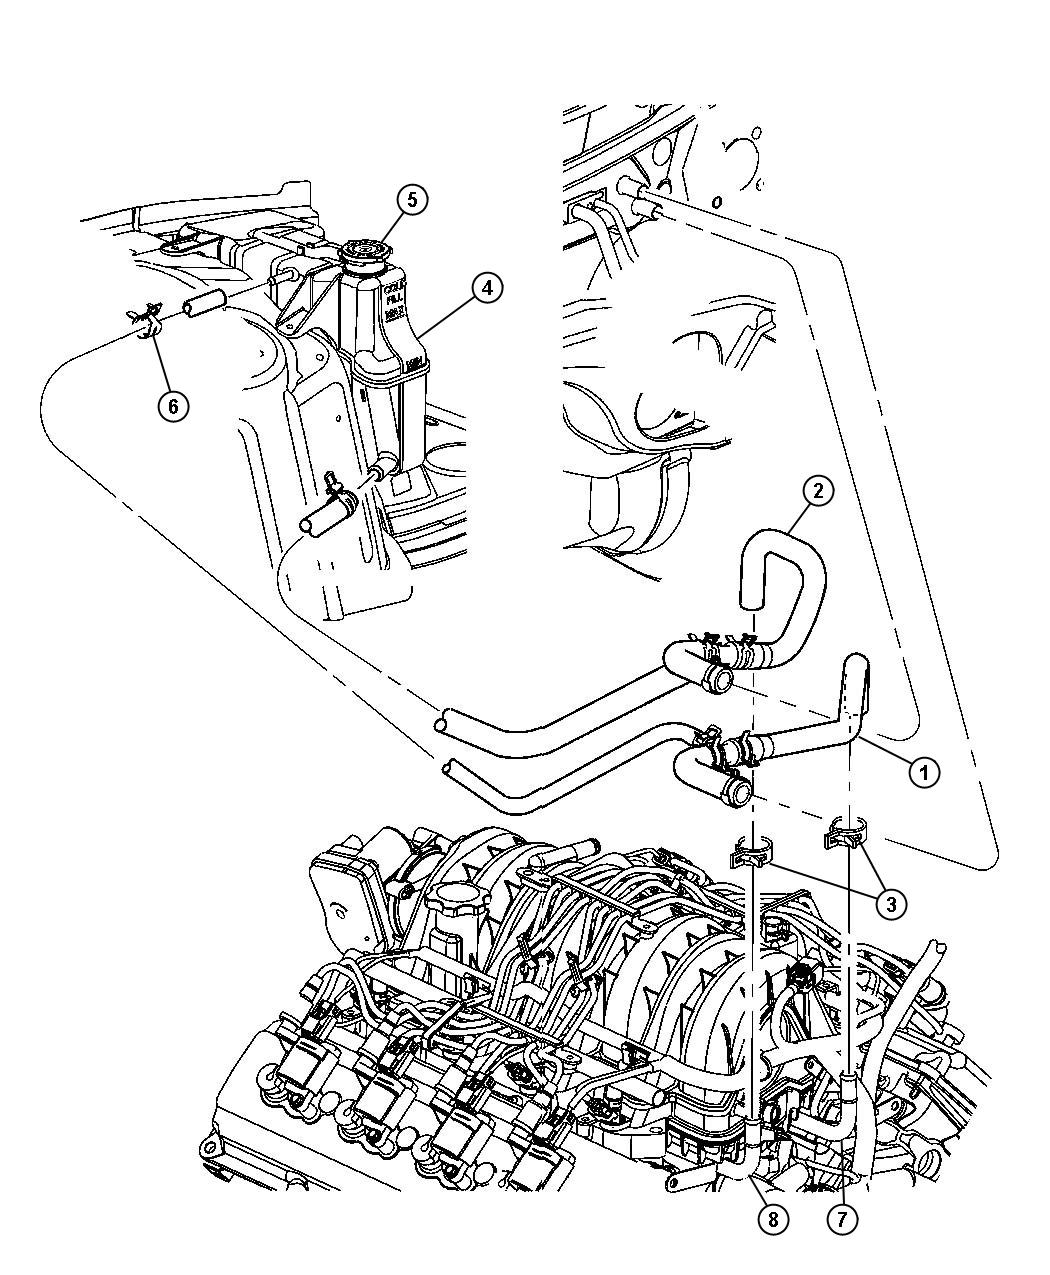 2005 Chrysler 300 Tube  Coolant Outlet  Heater  Plumbing